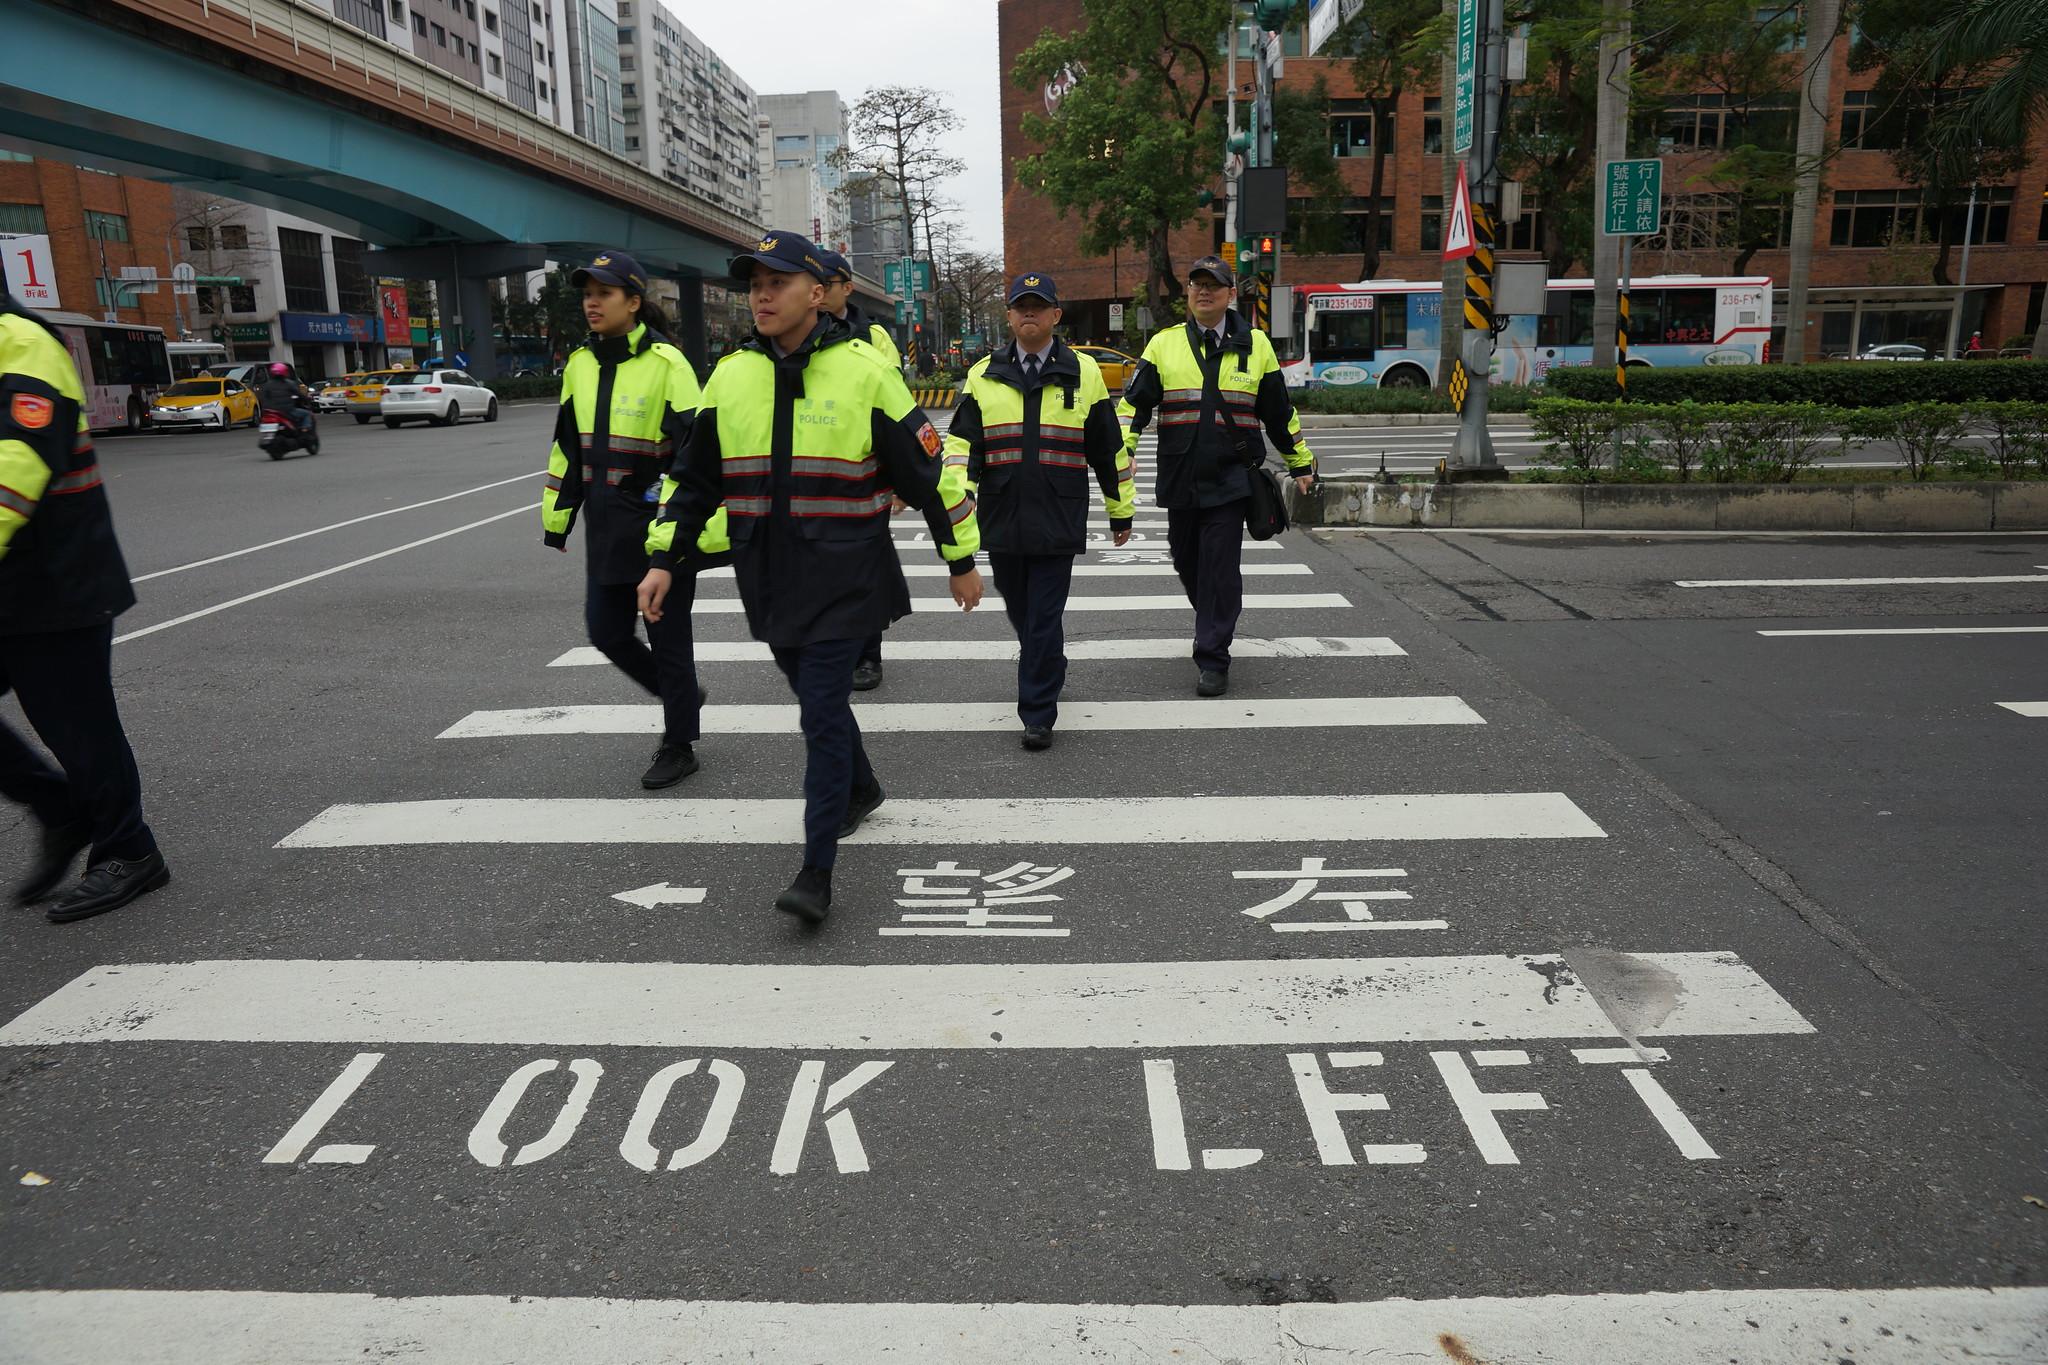 上午警方將陳抗人士全數隔離在遠處,封閉會場周圍街口。(攝影:王顥中)